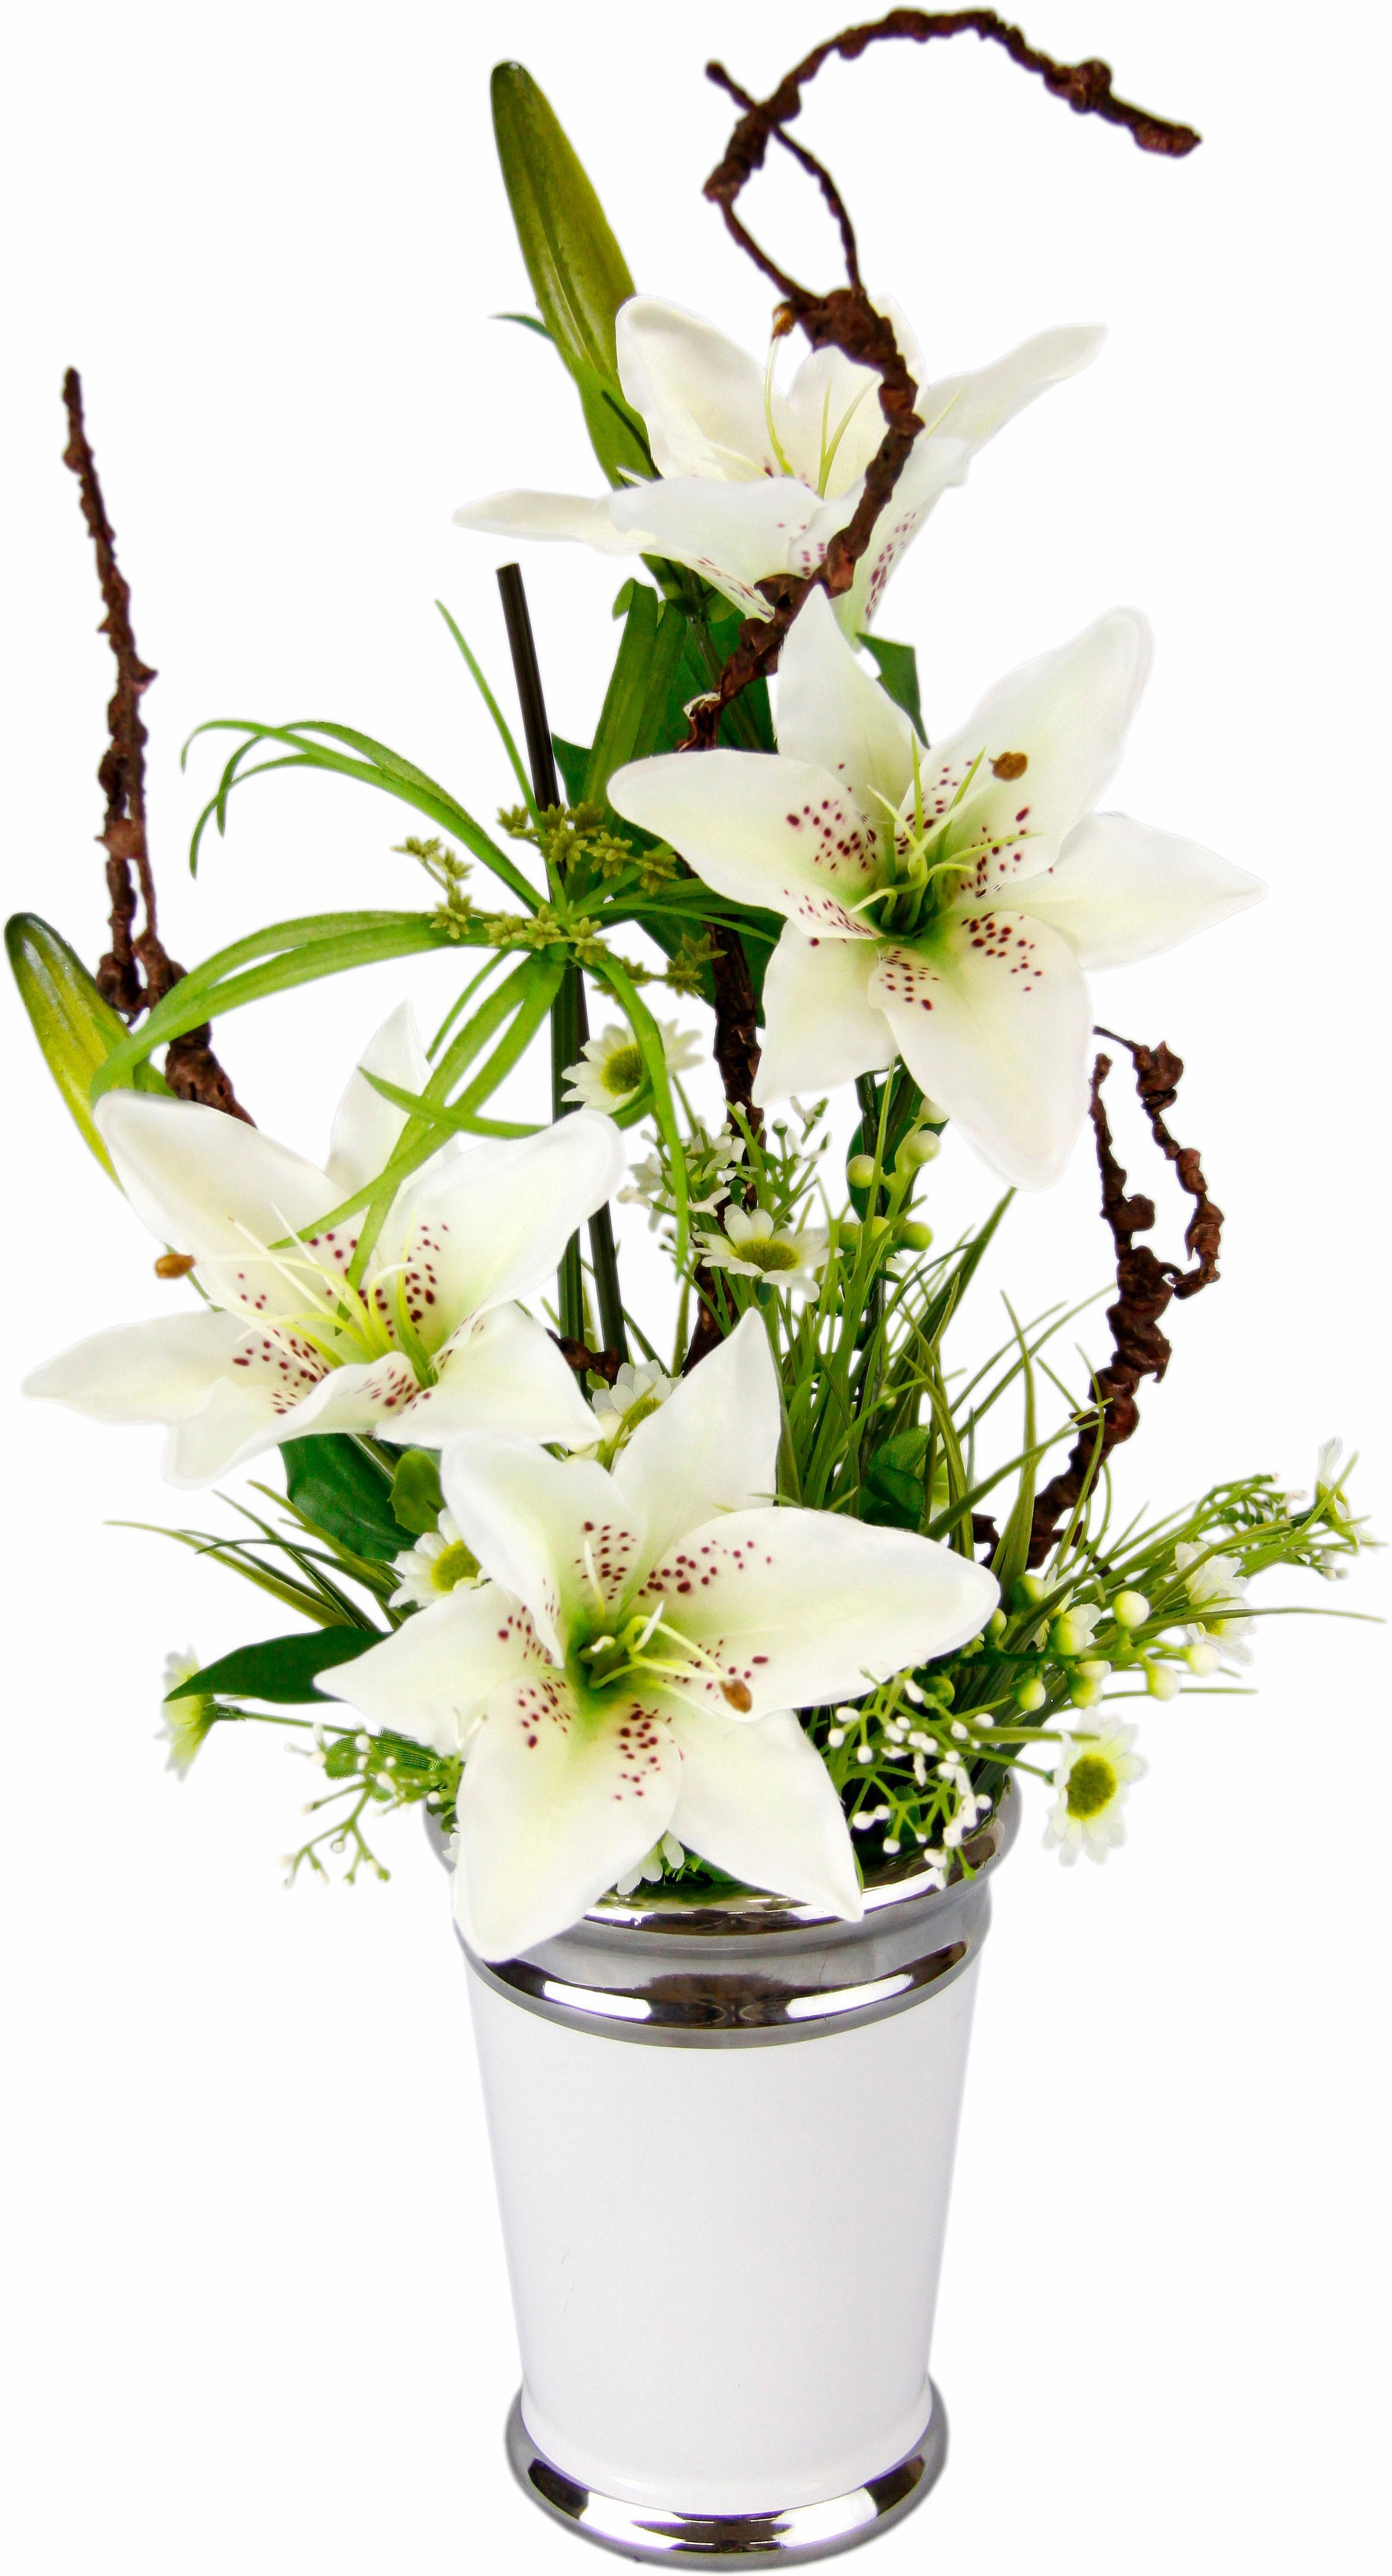 Home affaire Kunstpflanze »Lilien« (1 Stück) | Dekoration > Dekopflanzen > Kunstpflanzen | home affaire